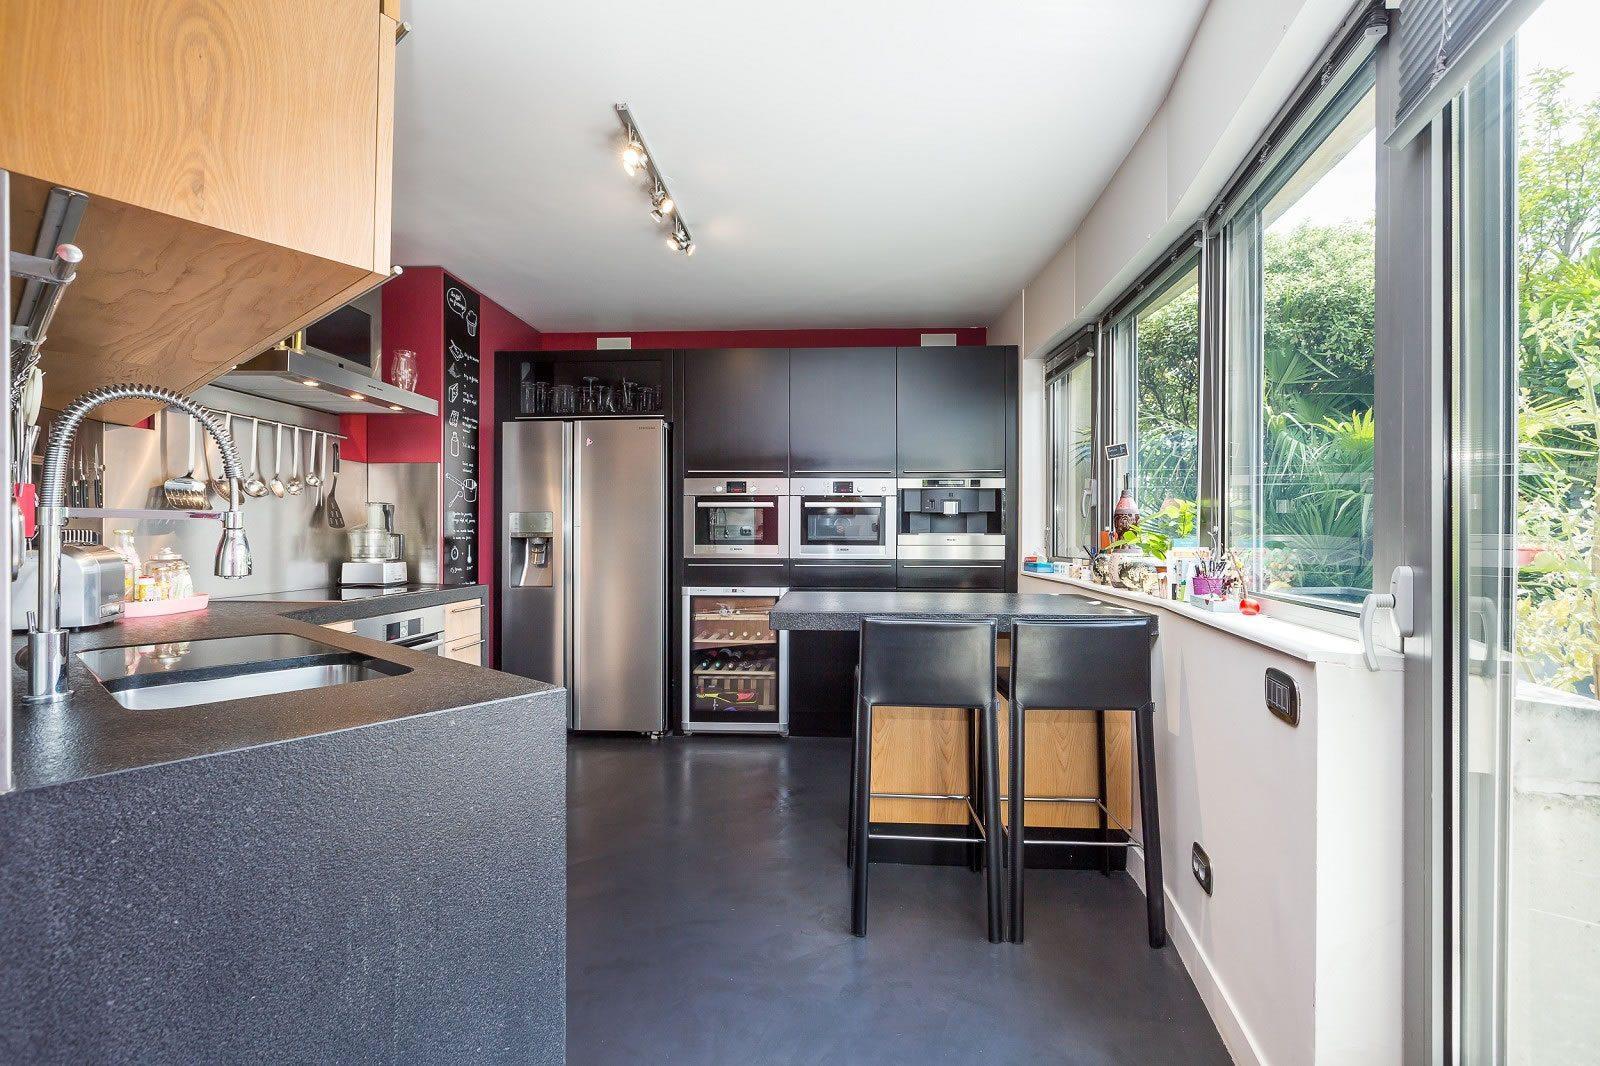 Penthouse En Triplex Vendre Dans Une R Sidence R Cente Du 15 Me Arrondissement De Paris 3